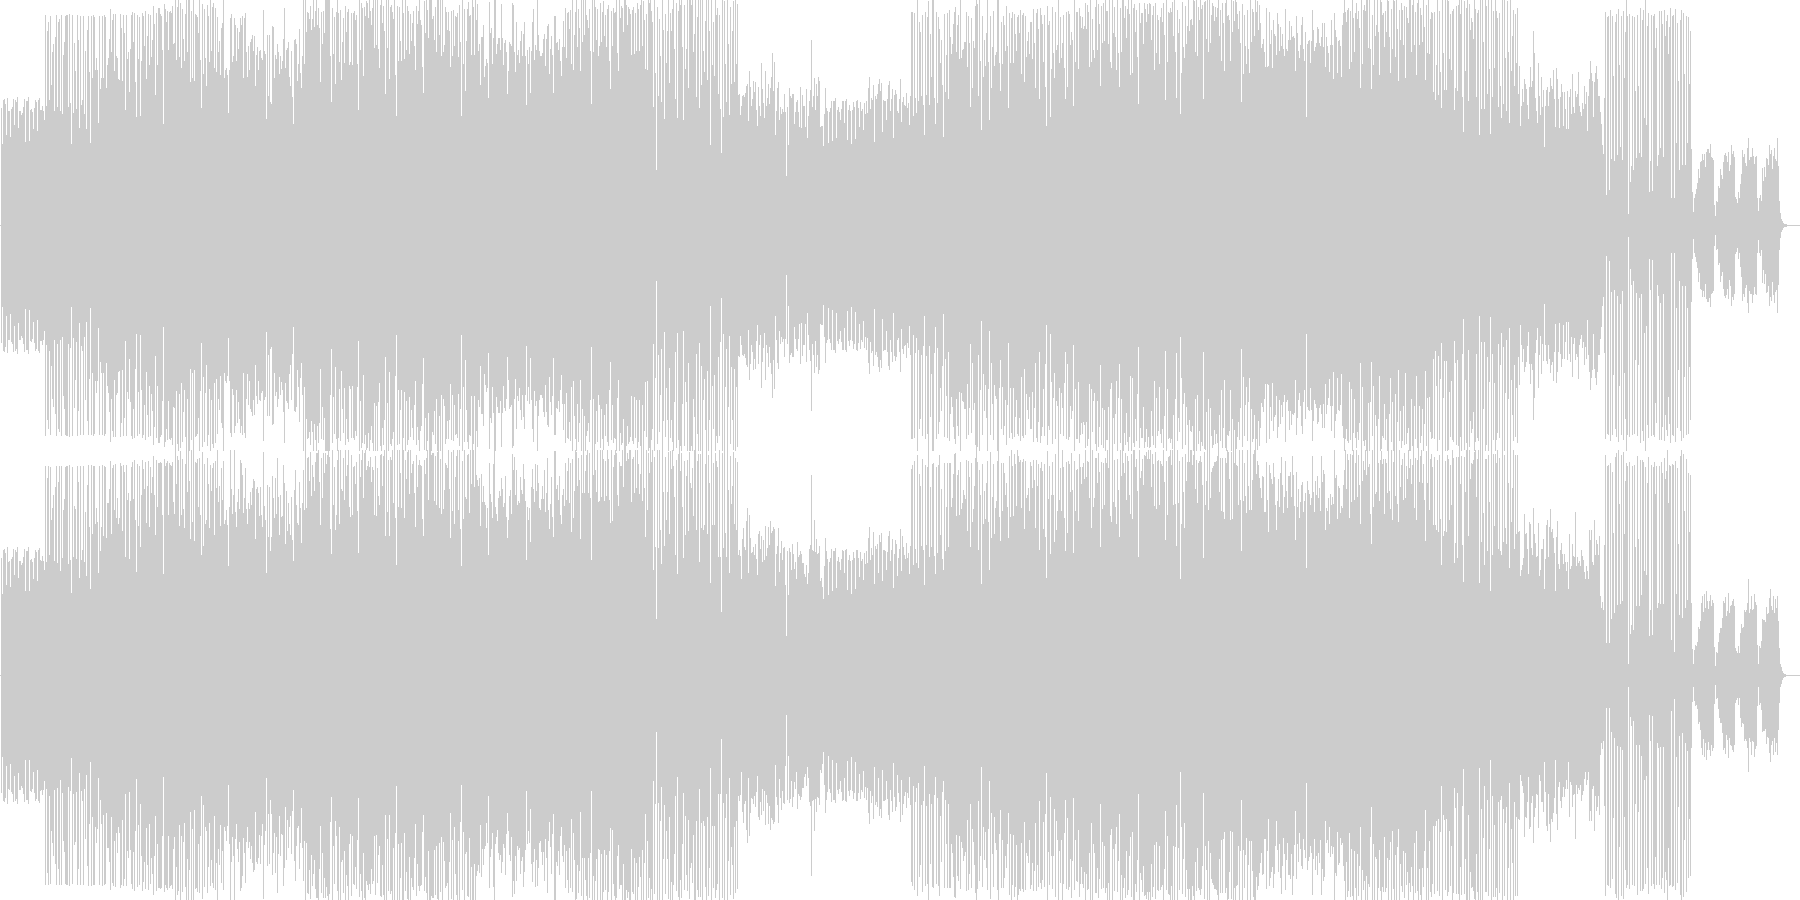 ロカビリーをイメージした曲です。の未再生の波形